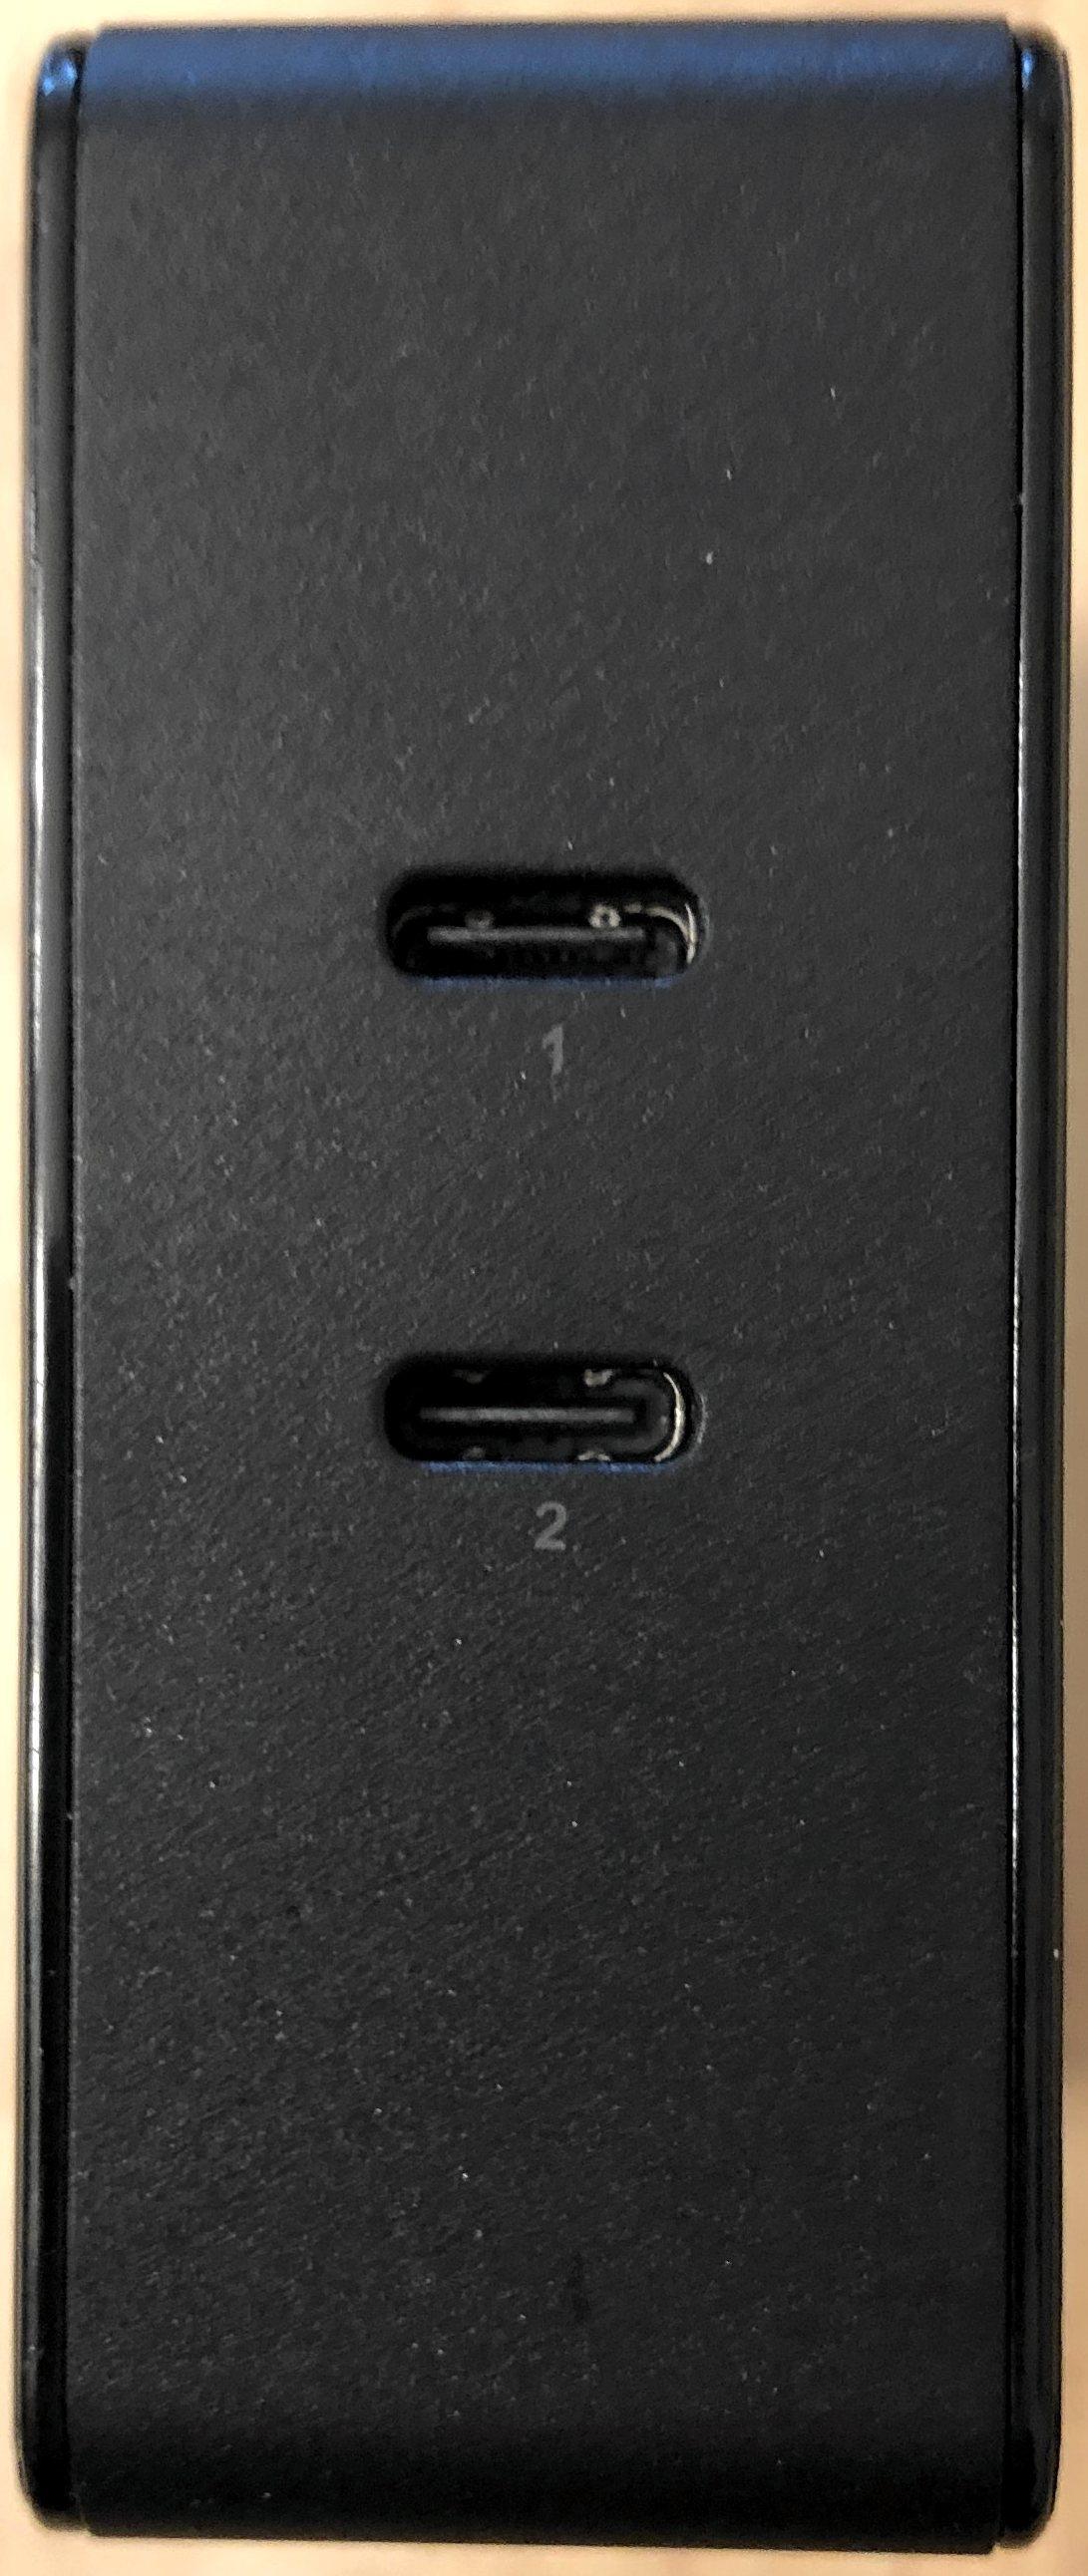 Puerto 1 y Puerto 2 del cargador Inateck 60W PD con puertos USB-C duales.